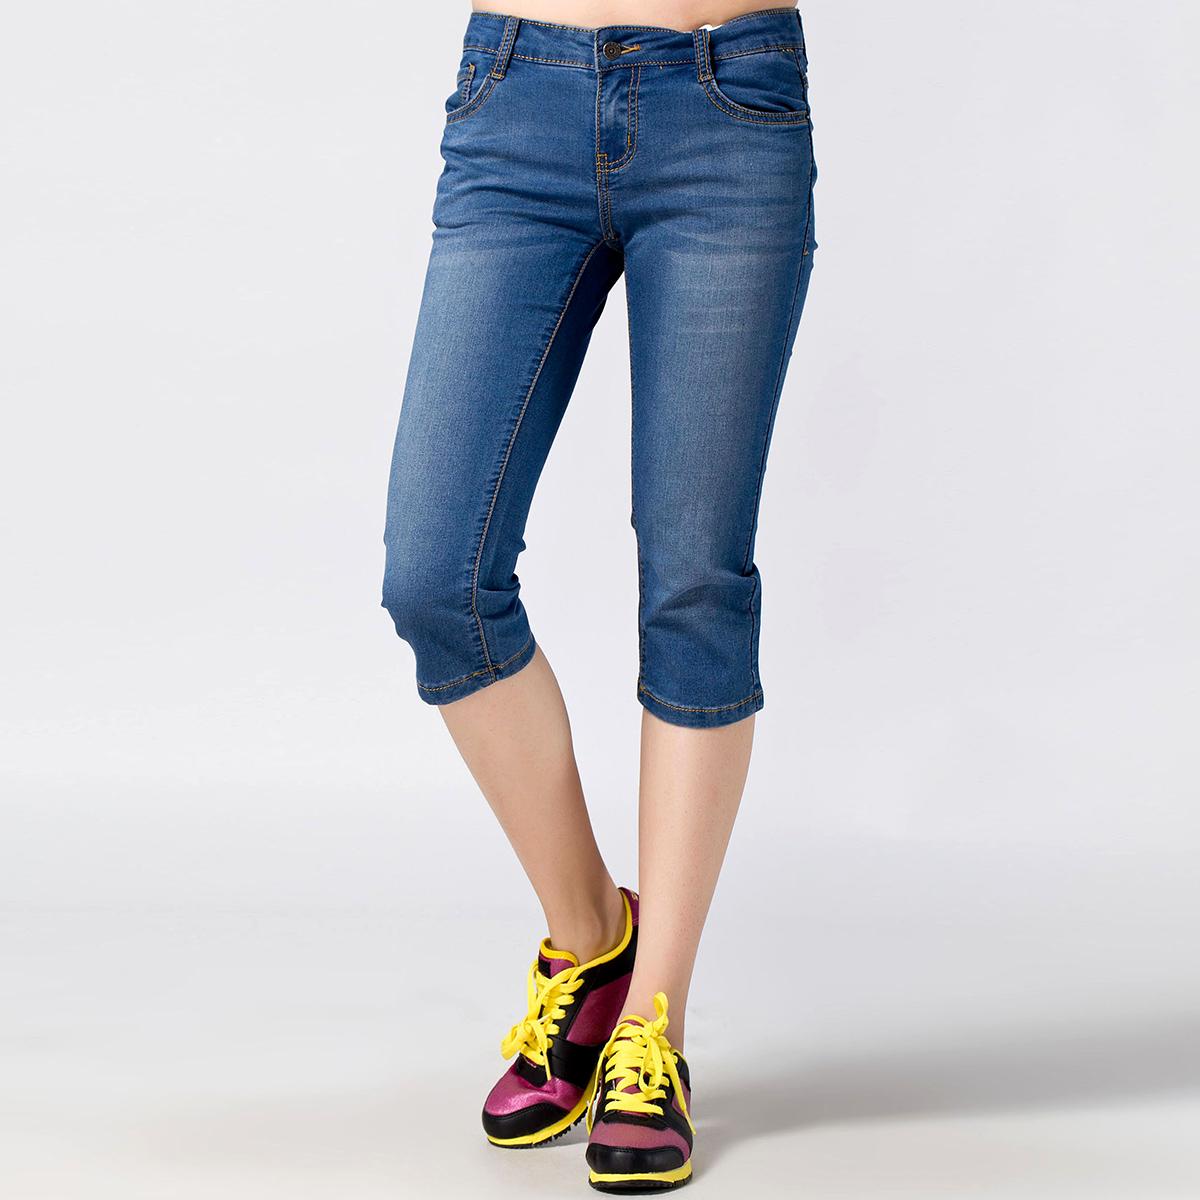 森马semir 2013夏装新款女款百搭牛仔七分裤女装显瘦七分裤65元